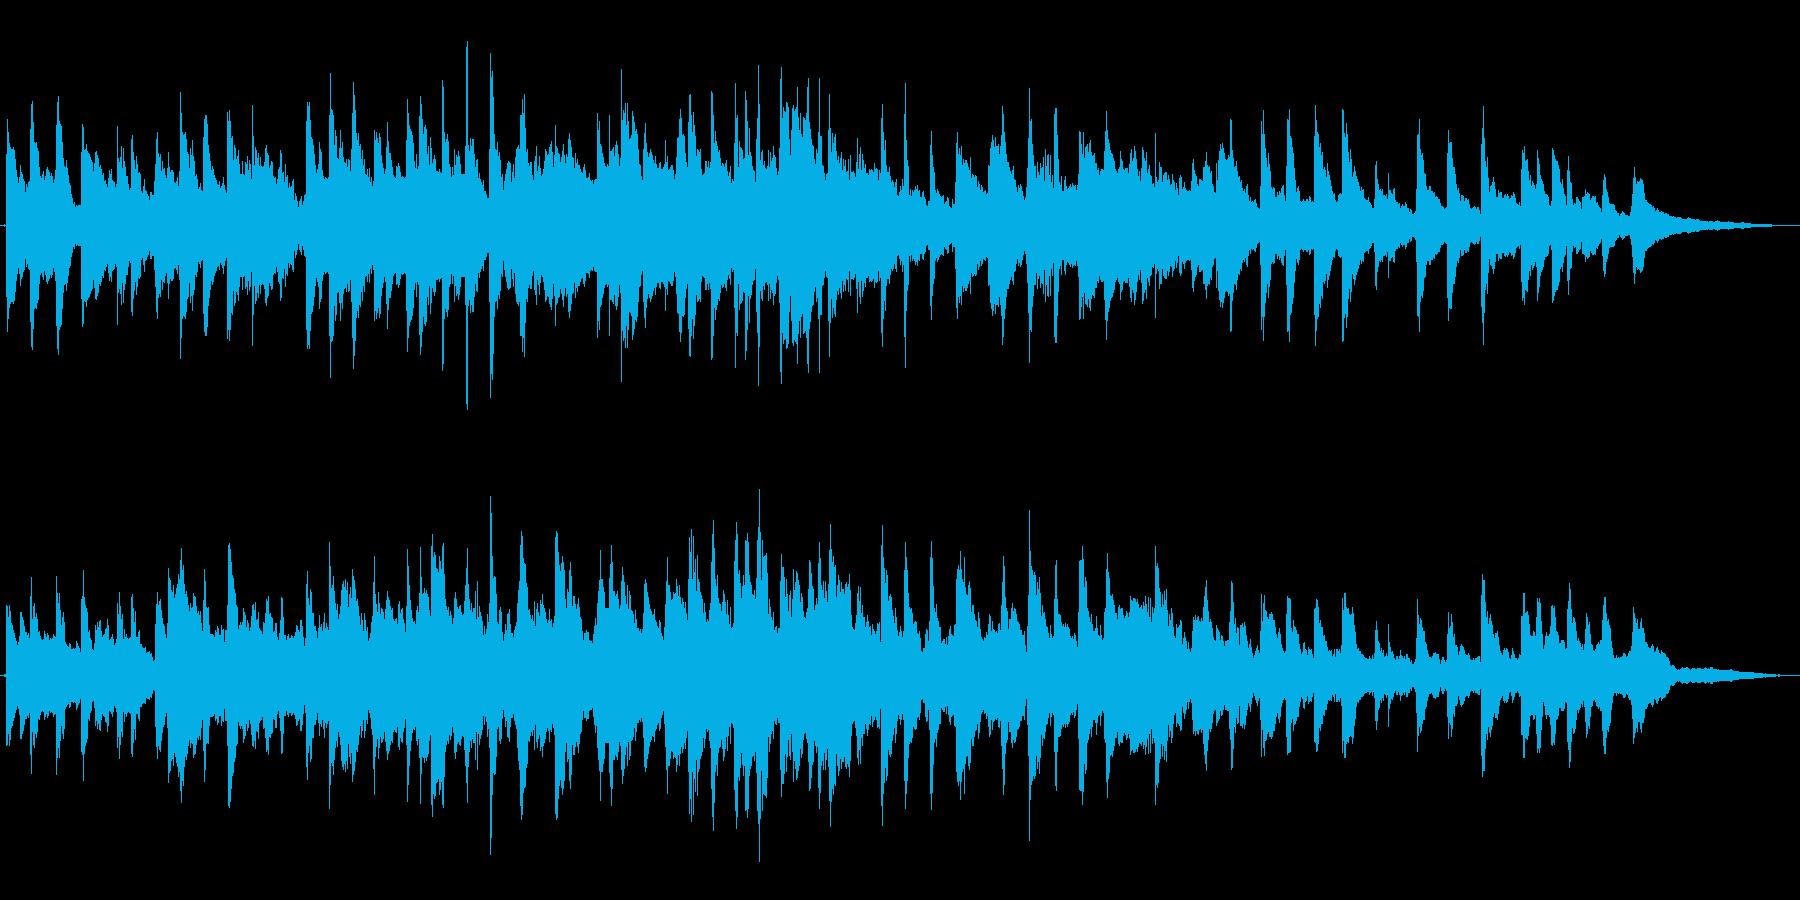 「ふるさと」-しっとり優しげなピアノ演奏の再生済みの波形